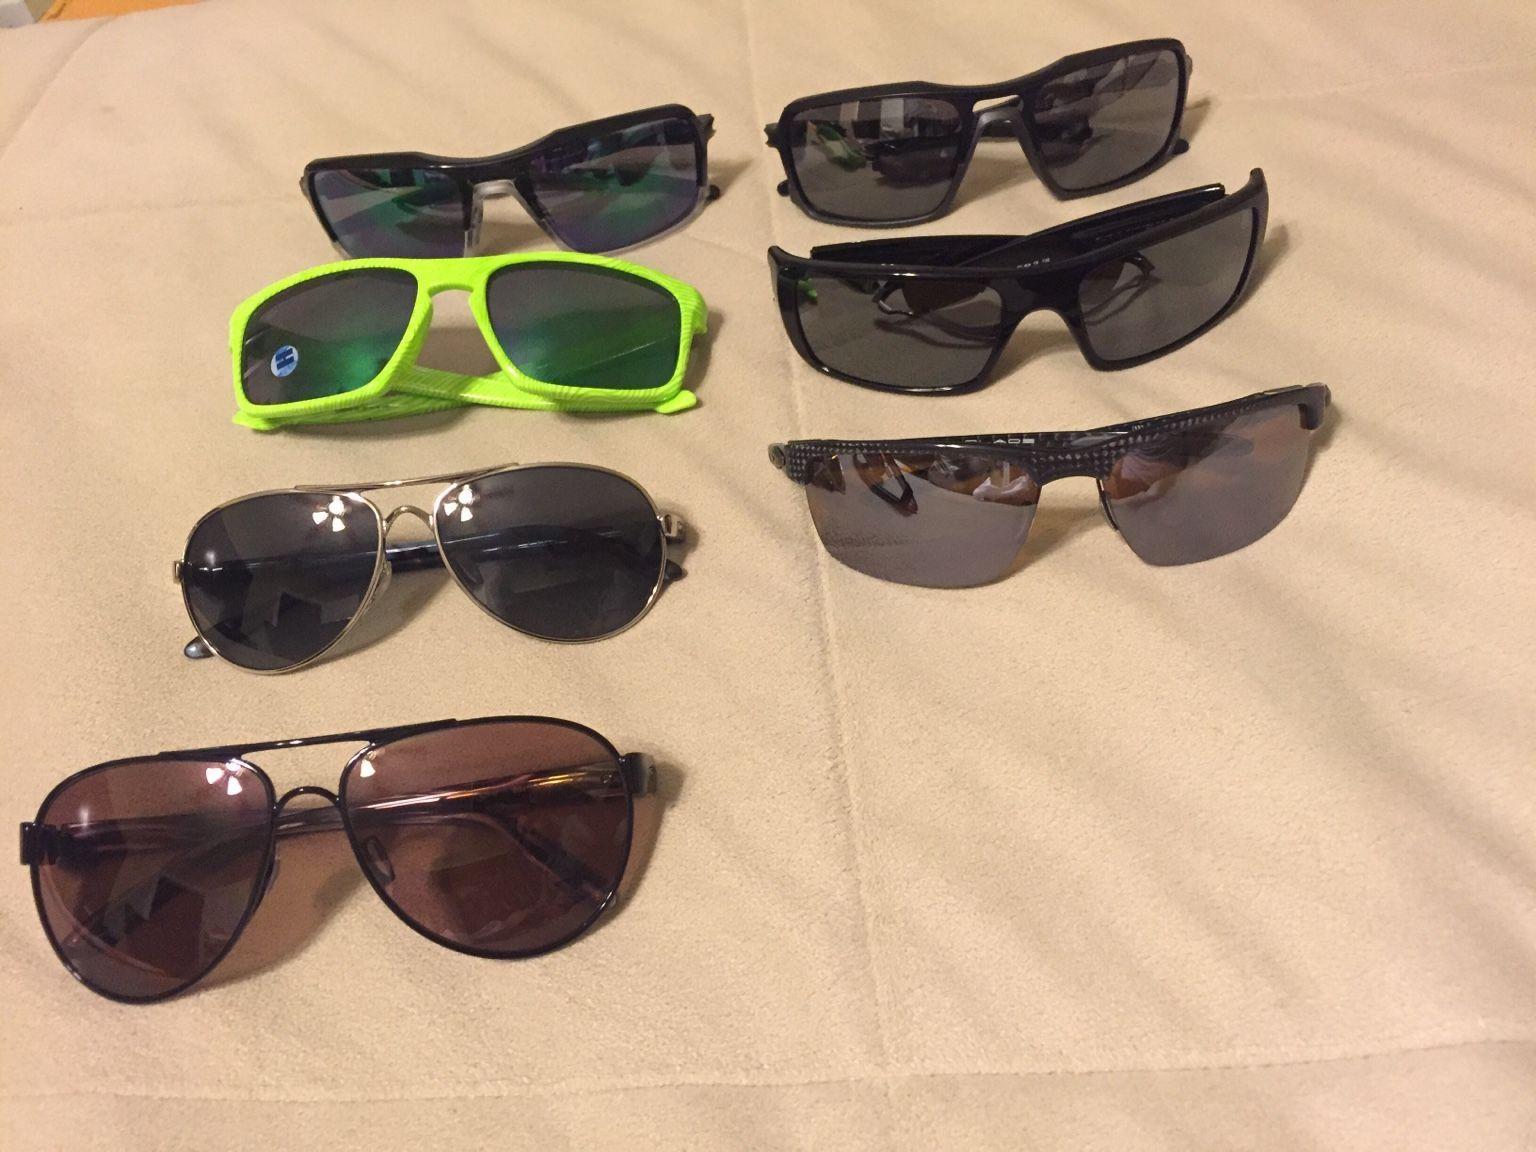 Lots for sale!!!! - 7bca91e52d0d59850b0e0d8313ebf480.jpg